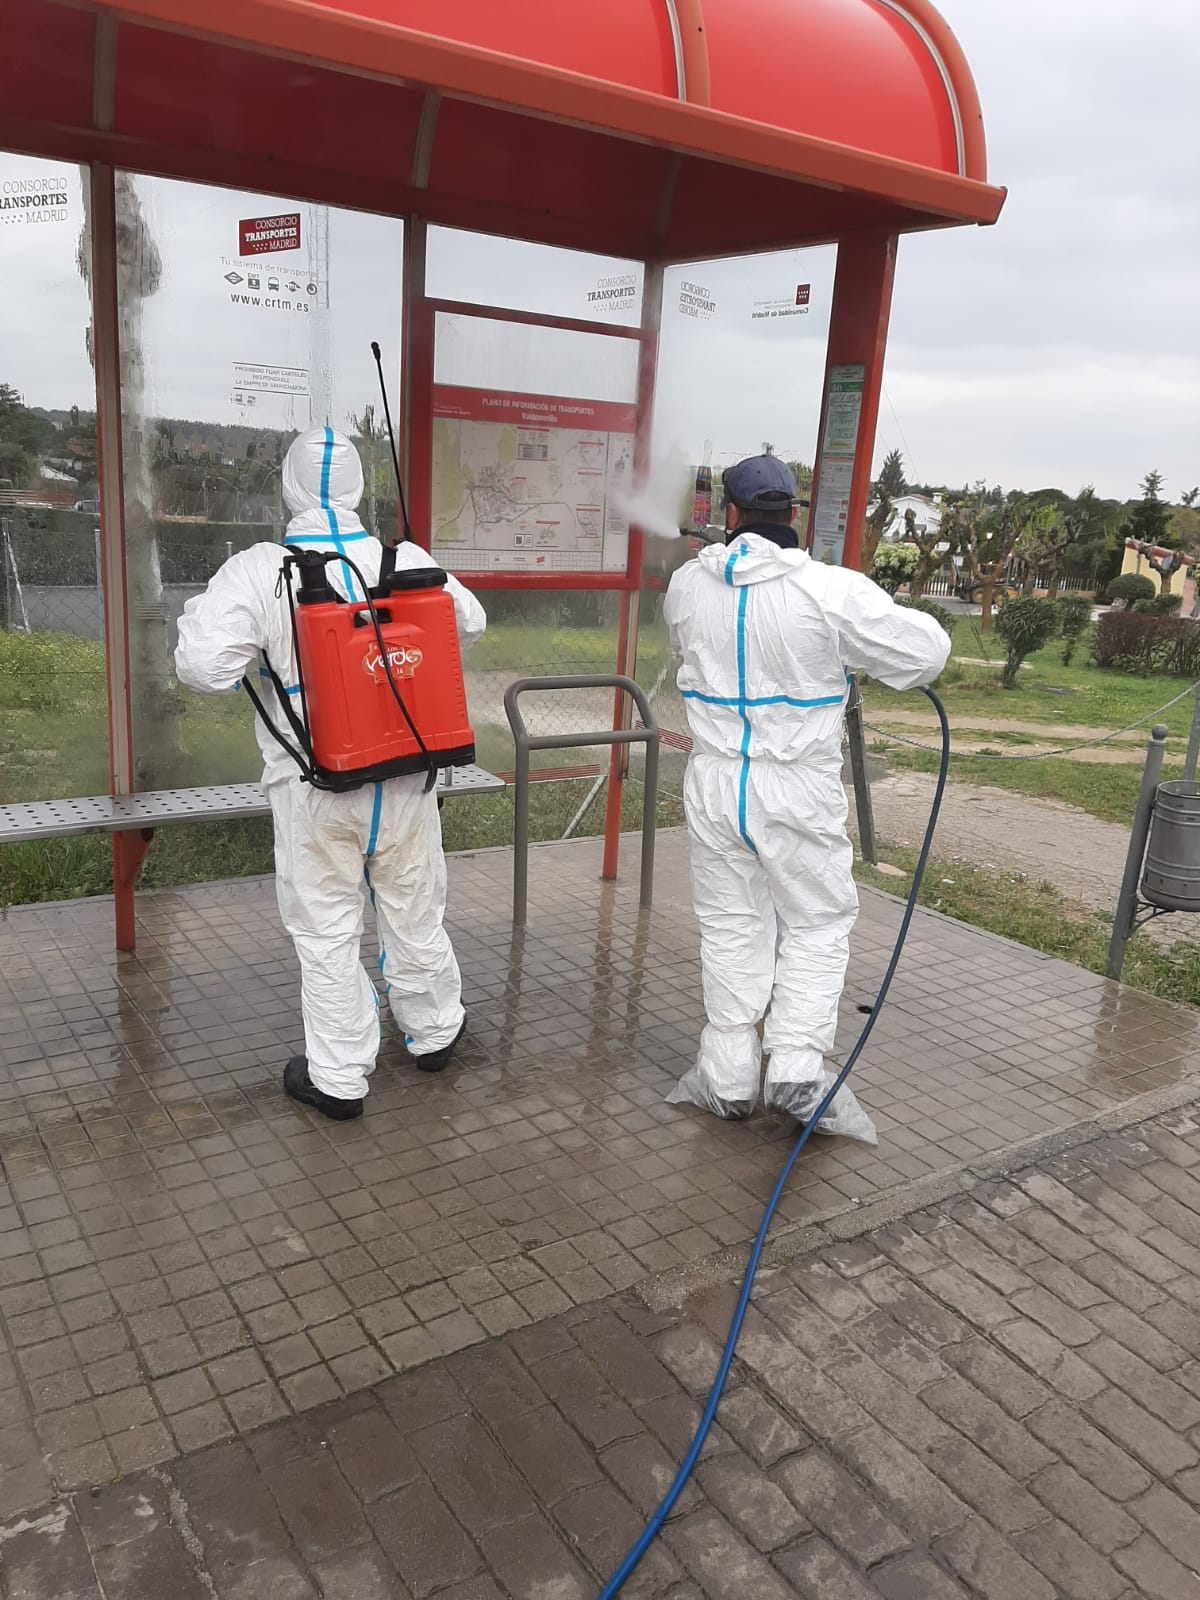 El Ayuntamiento confirma que se presta  el mismo trato y esmero en la atención  de todos los vecinos, realizando también todas las labores de desinfección de contenedores, marquesinas y demás elementos situados en las zonas de tránsito  de las urbanizaciones de Valdemorillo